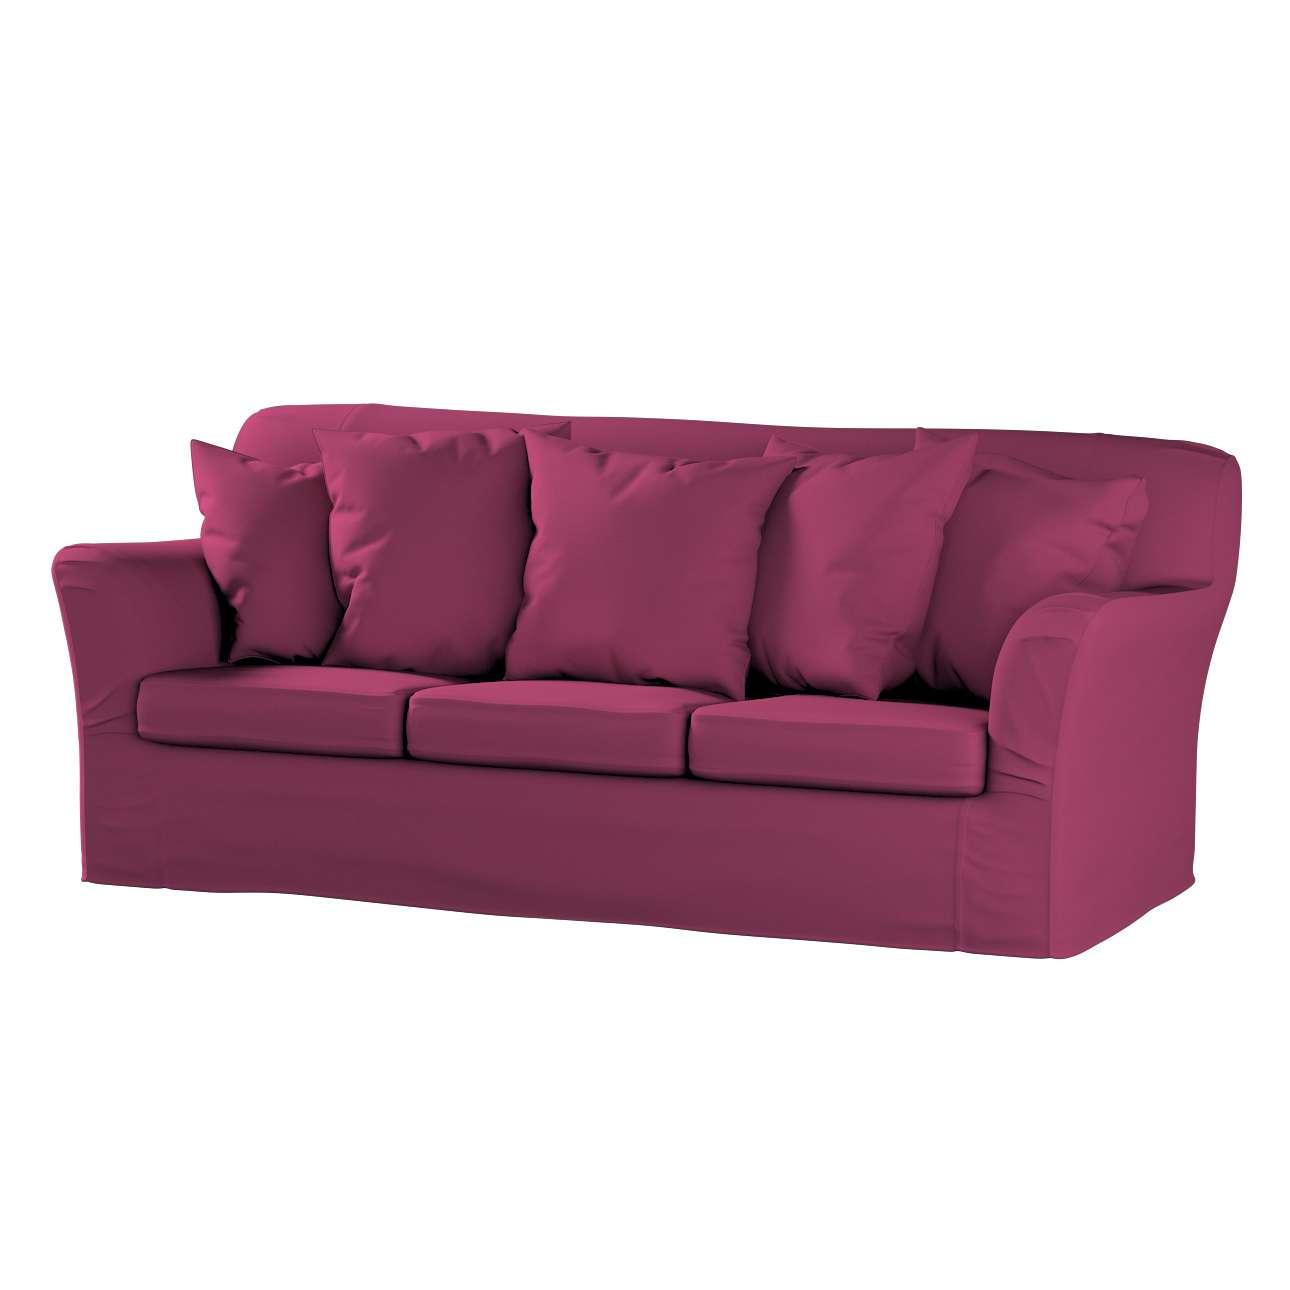 Pokrowiec na sofę Tomelilla 3-osobową nierozkładaną Sofa Tomelilla 3-osobowa w kolekcji Cotton Panama, tkanina: 702-32